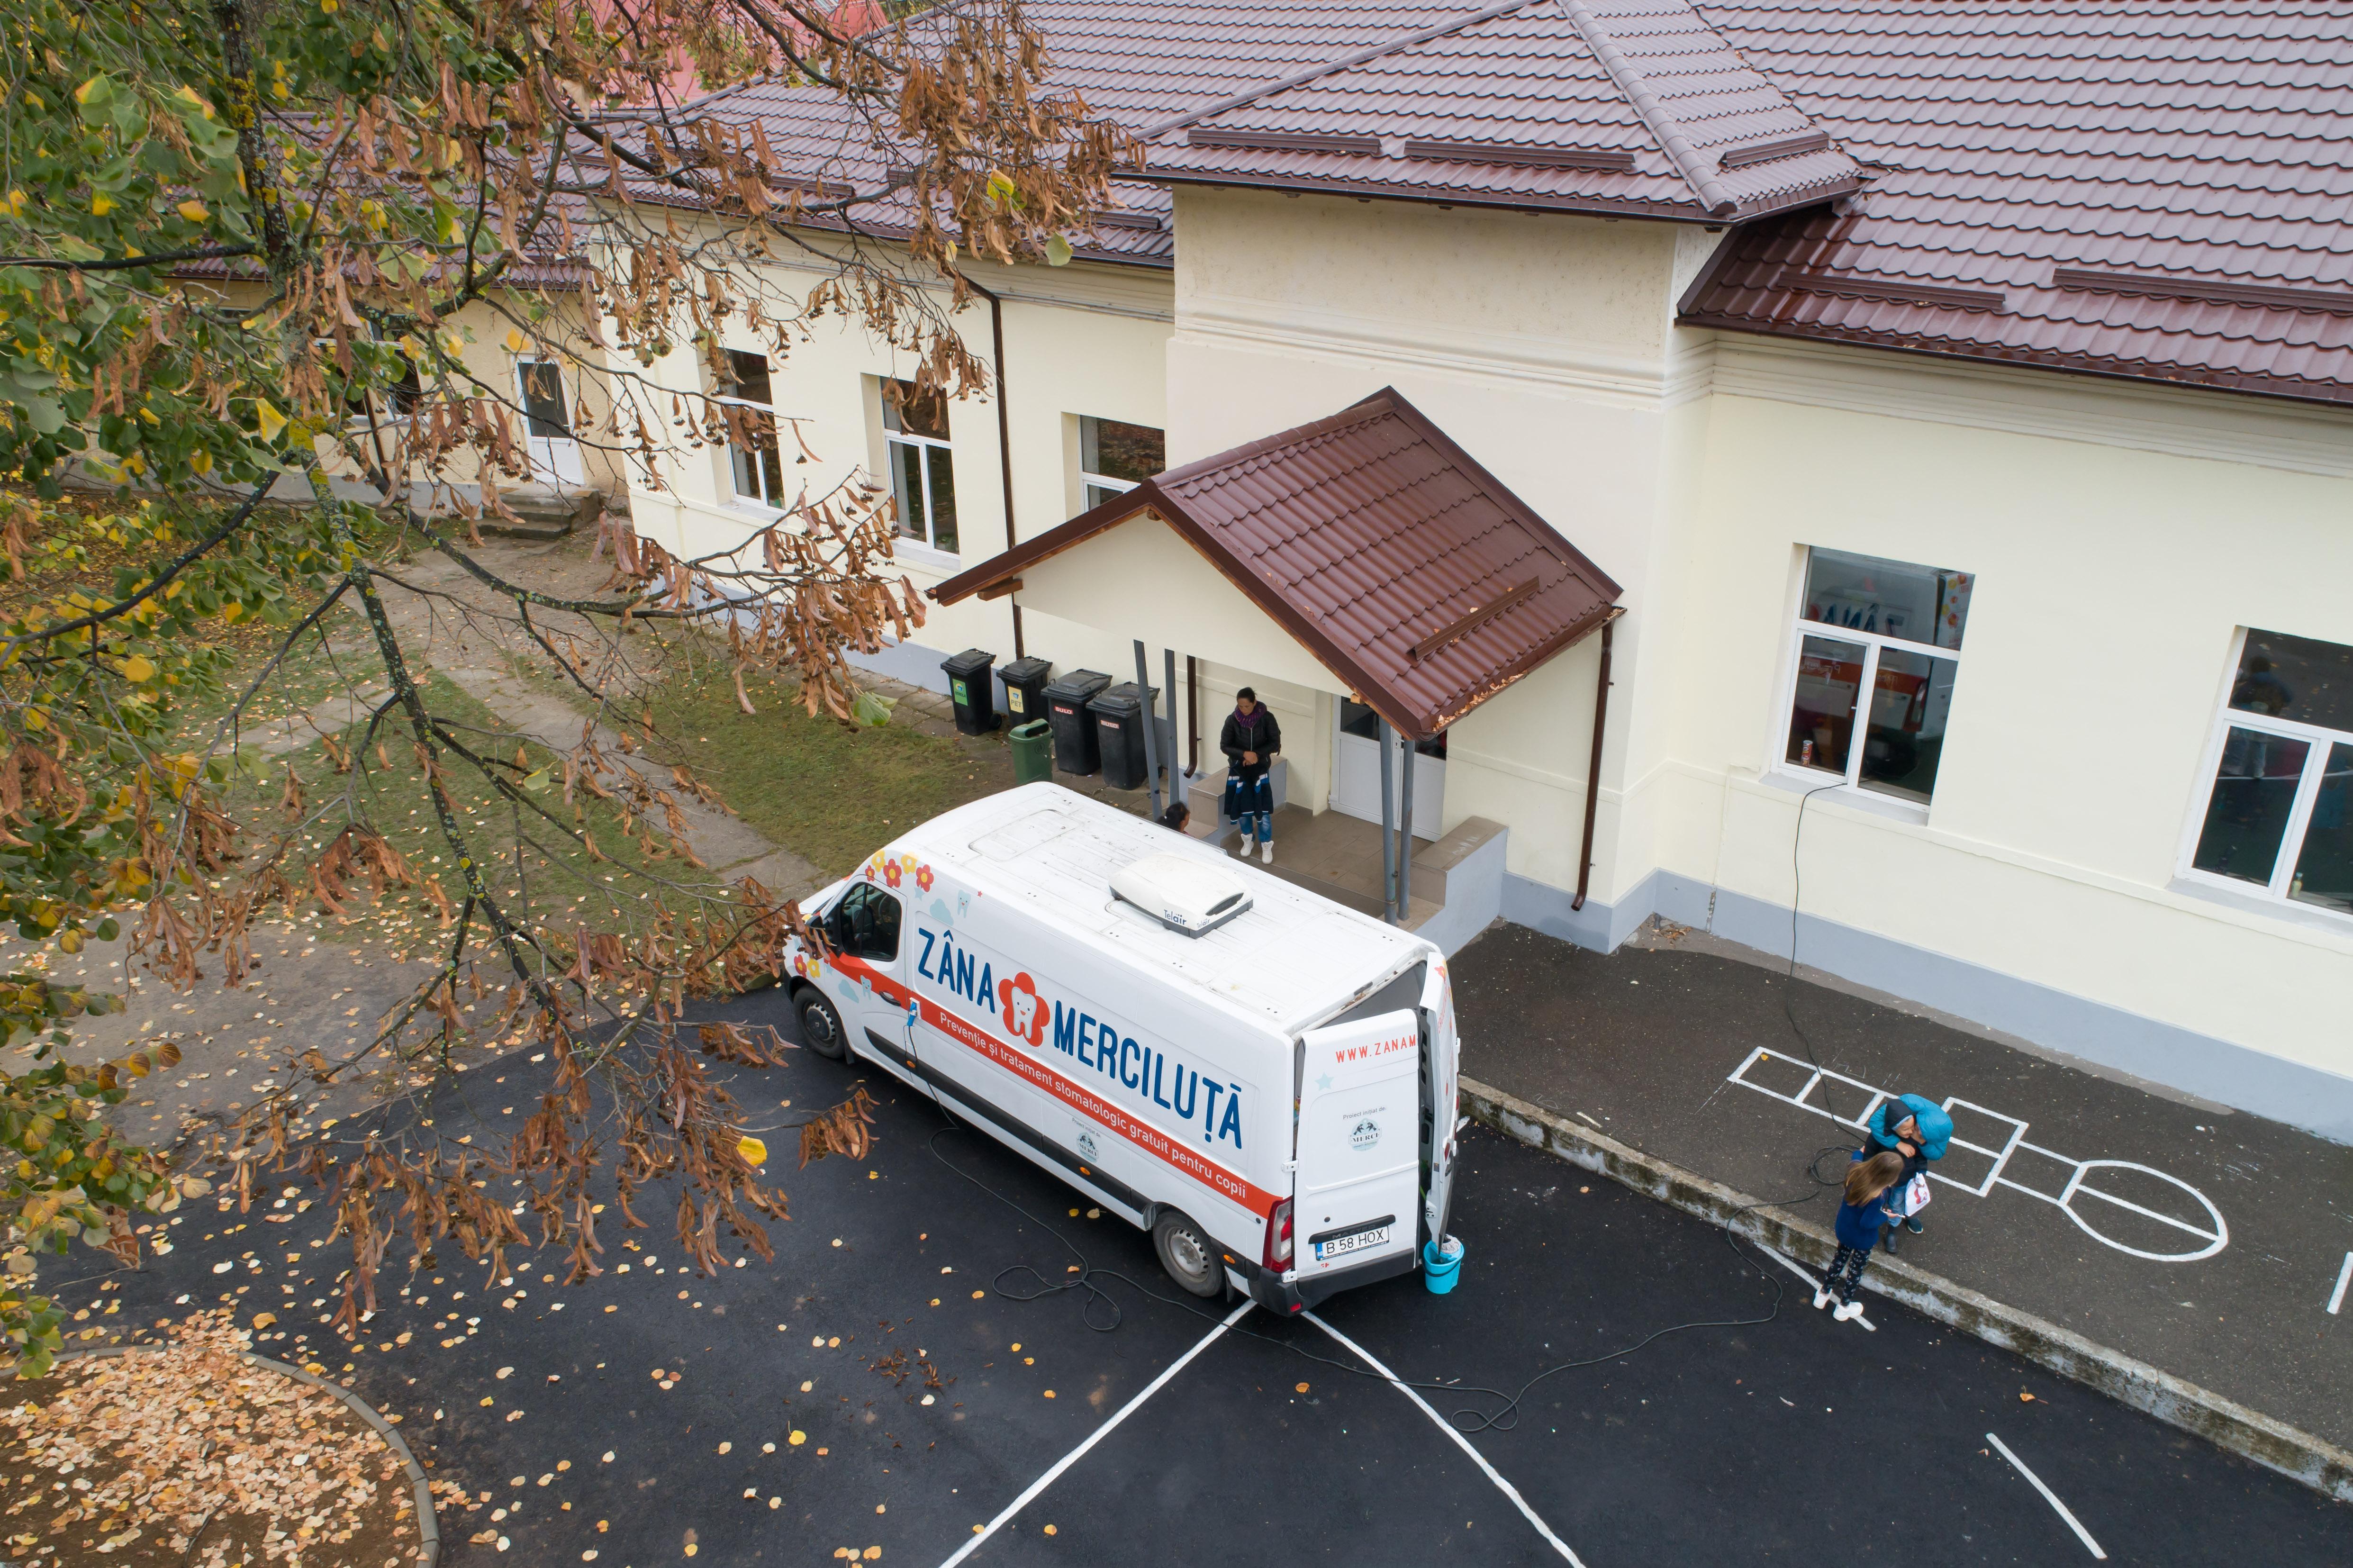 """116 copii din comuna prahoveană Telega au beneficiat de profilaxie orală și tratament în cabinetul stomatologic mobil pentru copii """"Zâna Merciluță"""""""